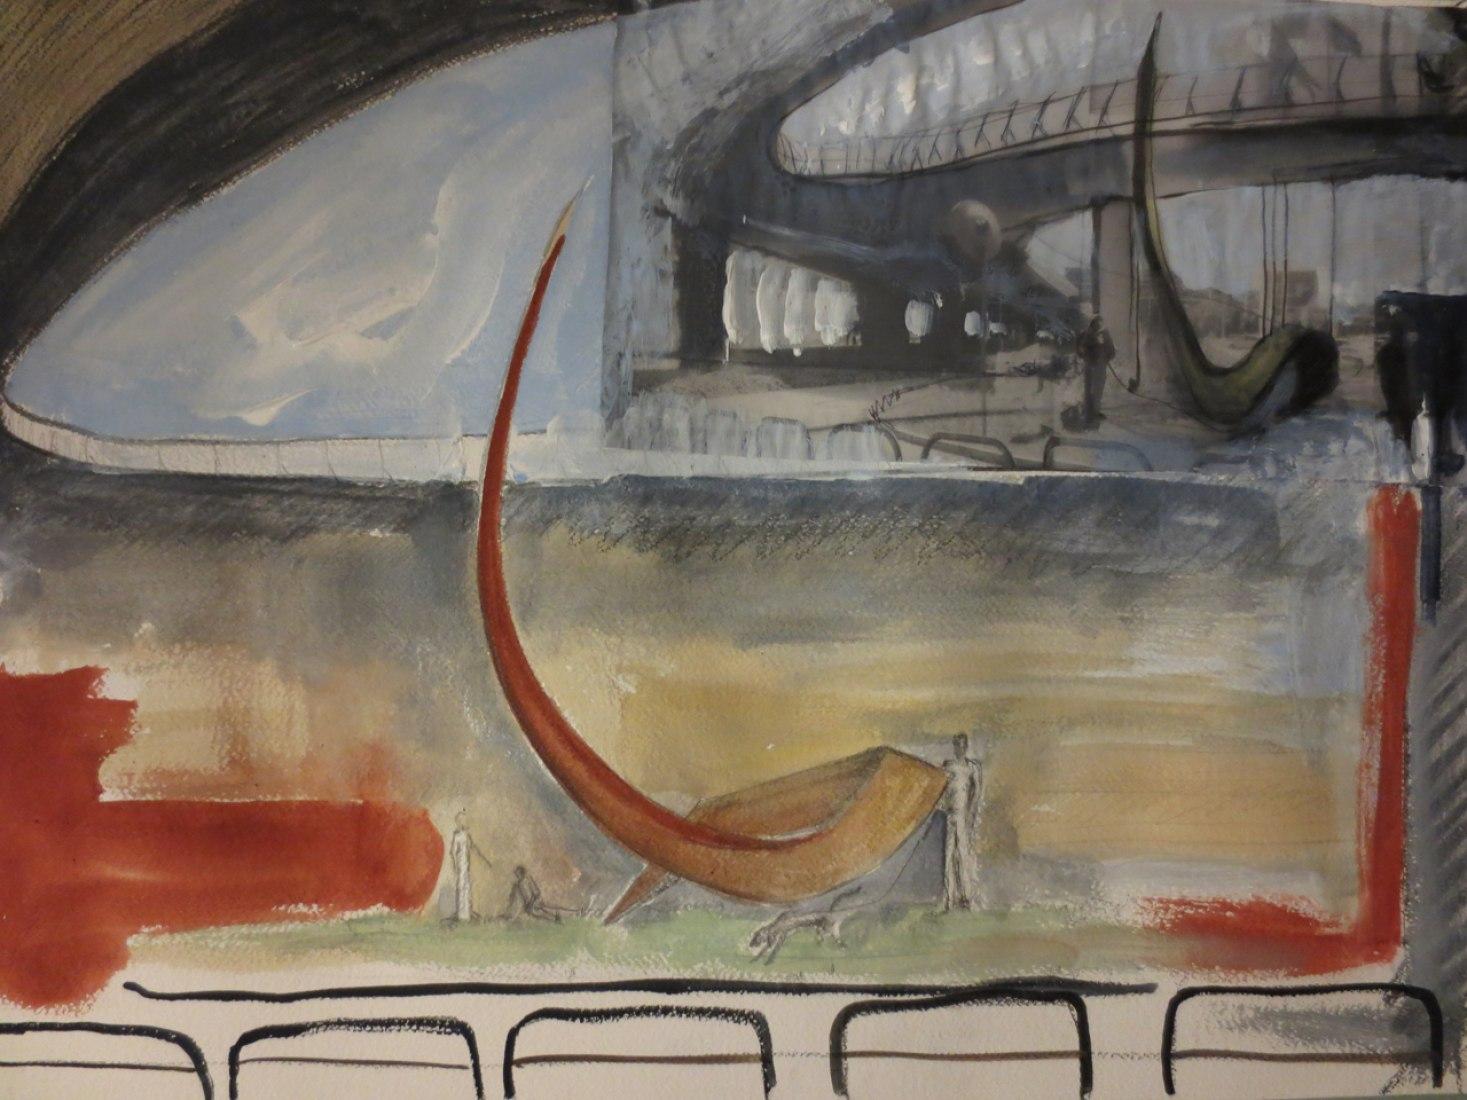 Dibujos previos. Slancio, por Giacomo Tringali y Massimo Mazzone. Imagen cortesía de Massimo Mazzone.